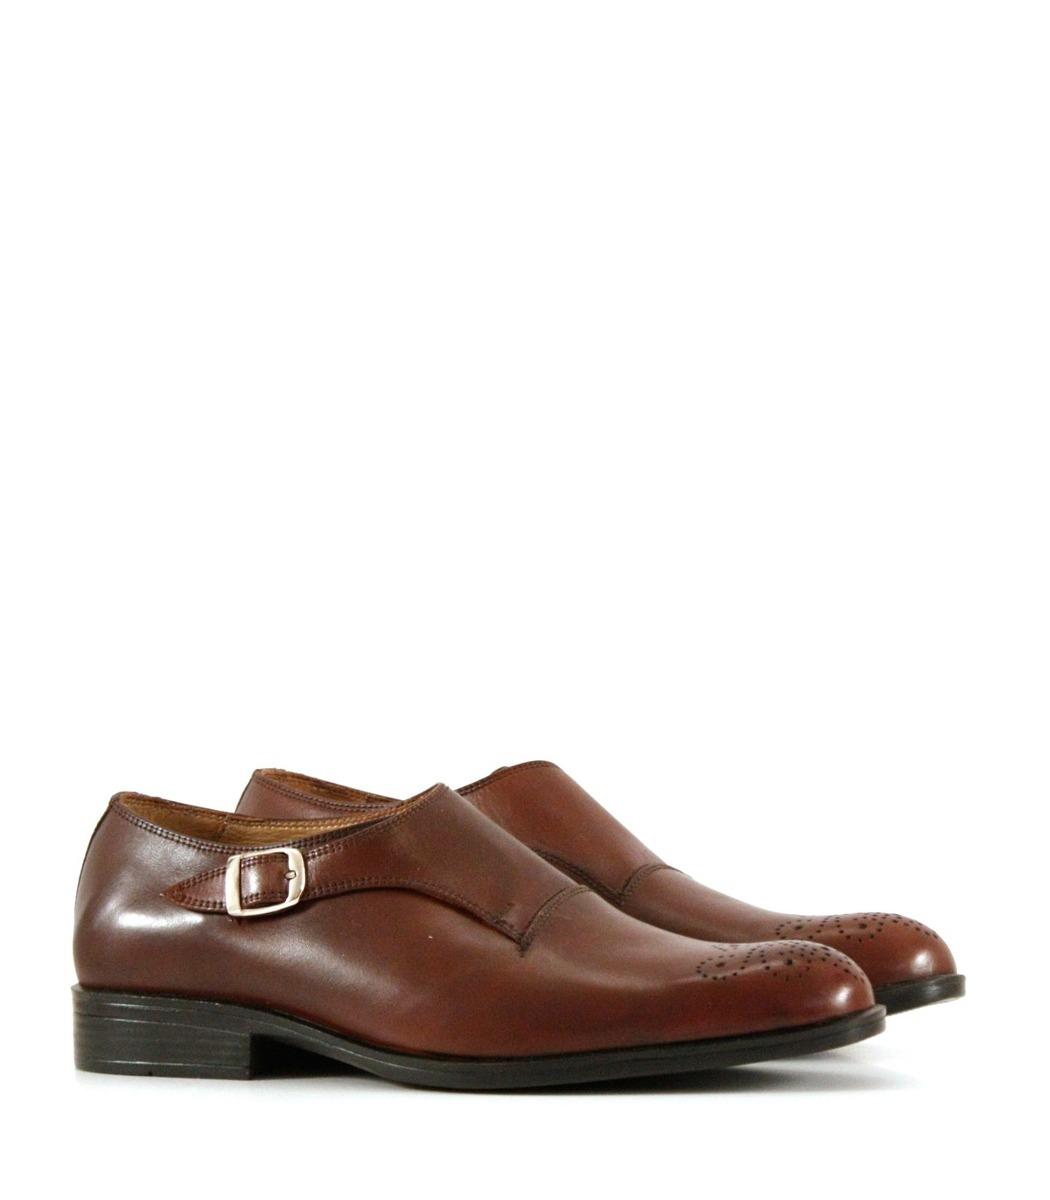 new concept a6b16 3099f vestir hombre zapato hebilla Cargando marrón con batistella zoom de de  Pwwqv5Y